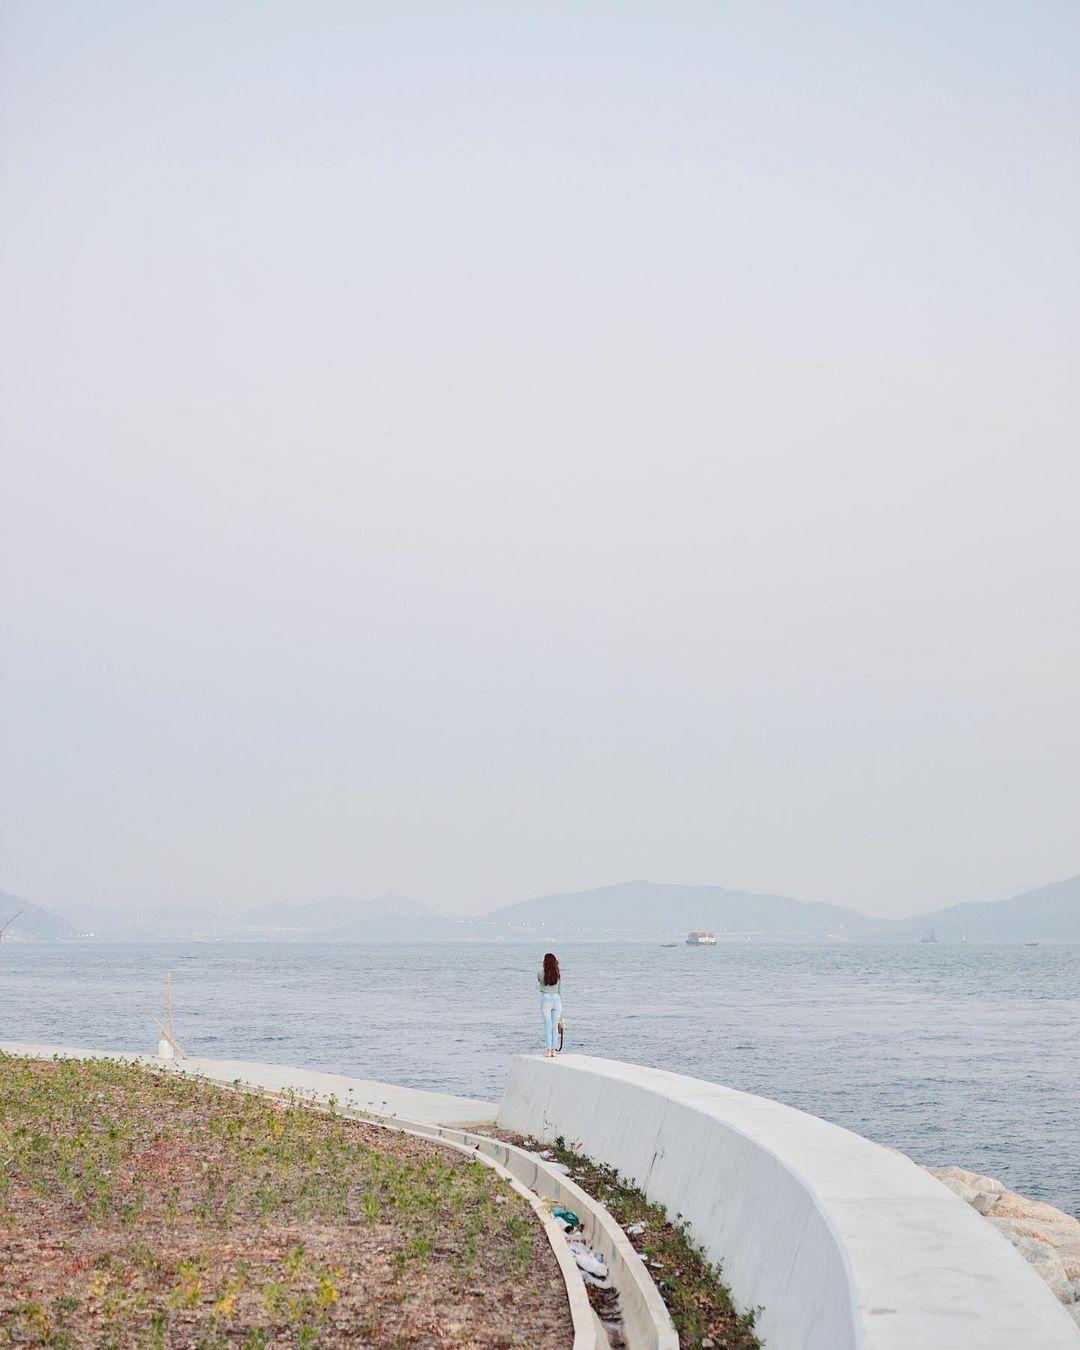 最近通車不久的屯赤隧道旁,近屯門浩和街附近,一條超長沿海堤壩成為打卡新熱點!(圖片來源:IG@emily_0224)